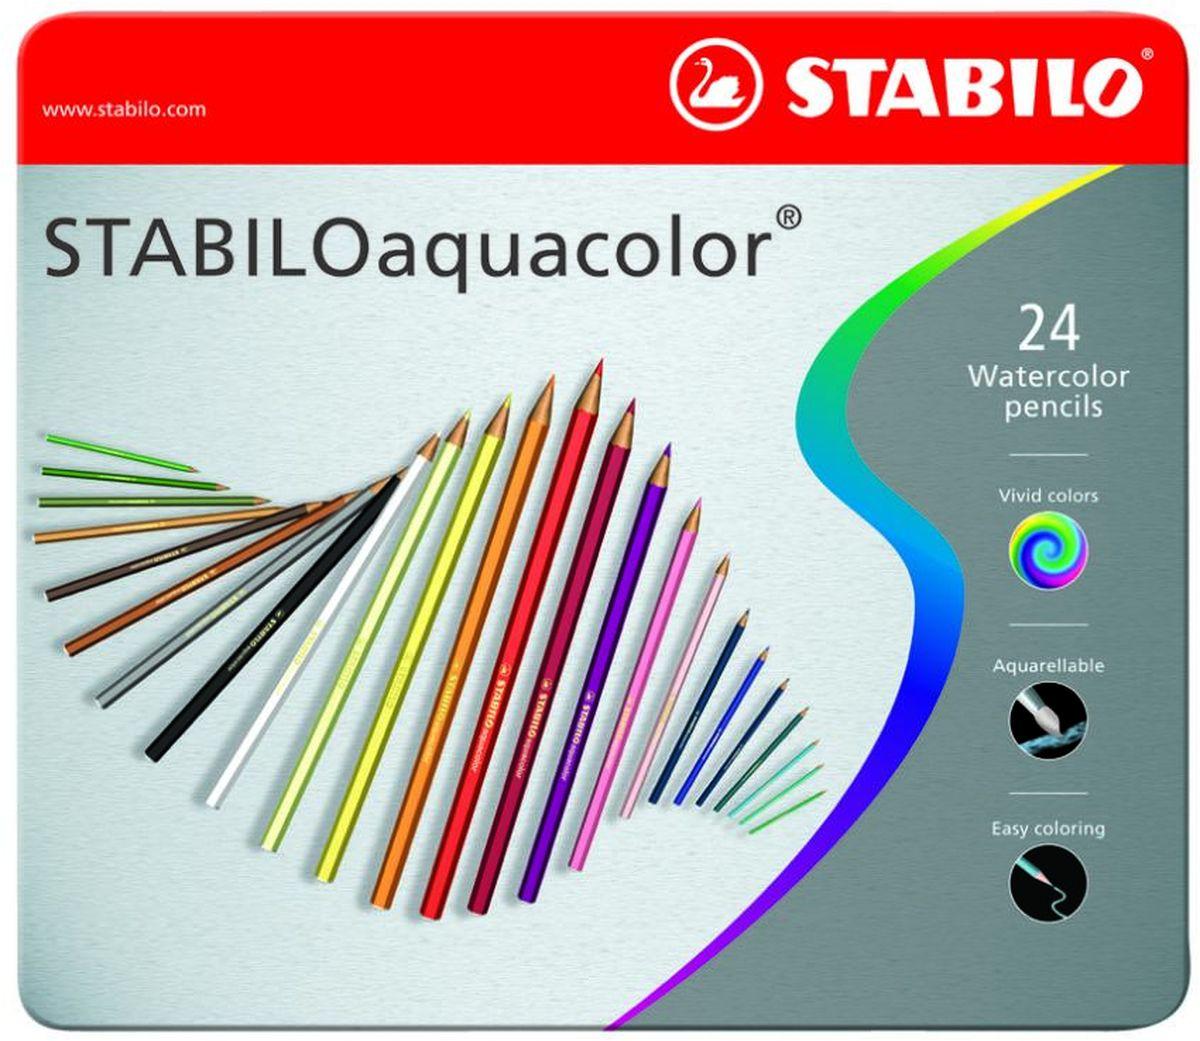 STABILO Набор акварельных карандашей Aquacolor 24 цвета1624-5Для создания рисунков с эффектом акварельных красок, надо растушевать рисунок кистью с водой или увлажнить бумагу перед рисованием. Идеально подходит для рисования в качестве классического цветного карандаша благодаря насыщенным цветам и мягкому грифелю, обеспечивающему легкость нанесения и отличную смешиваемость цветов.